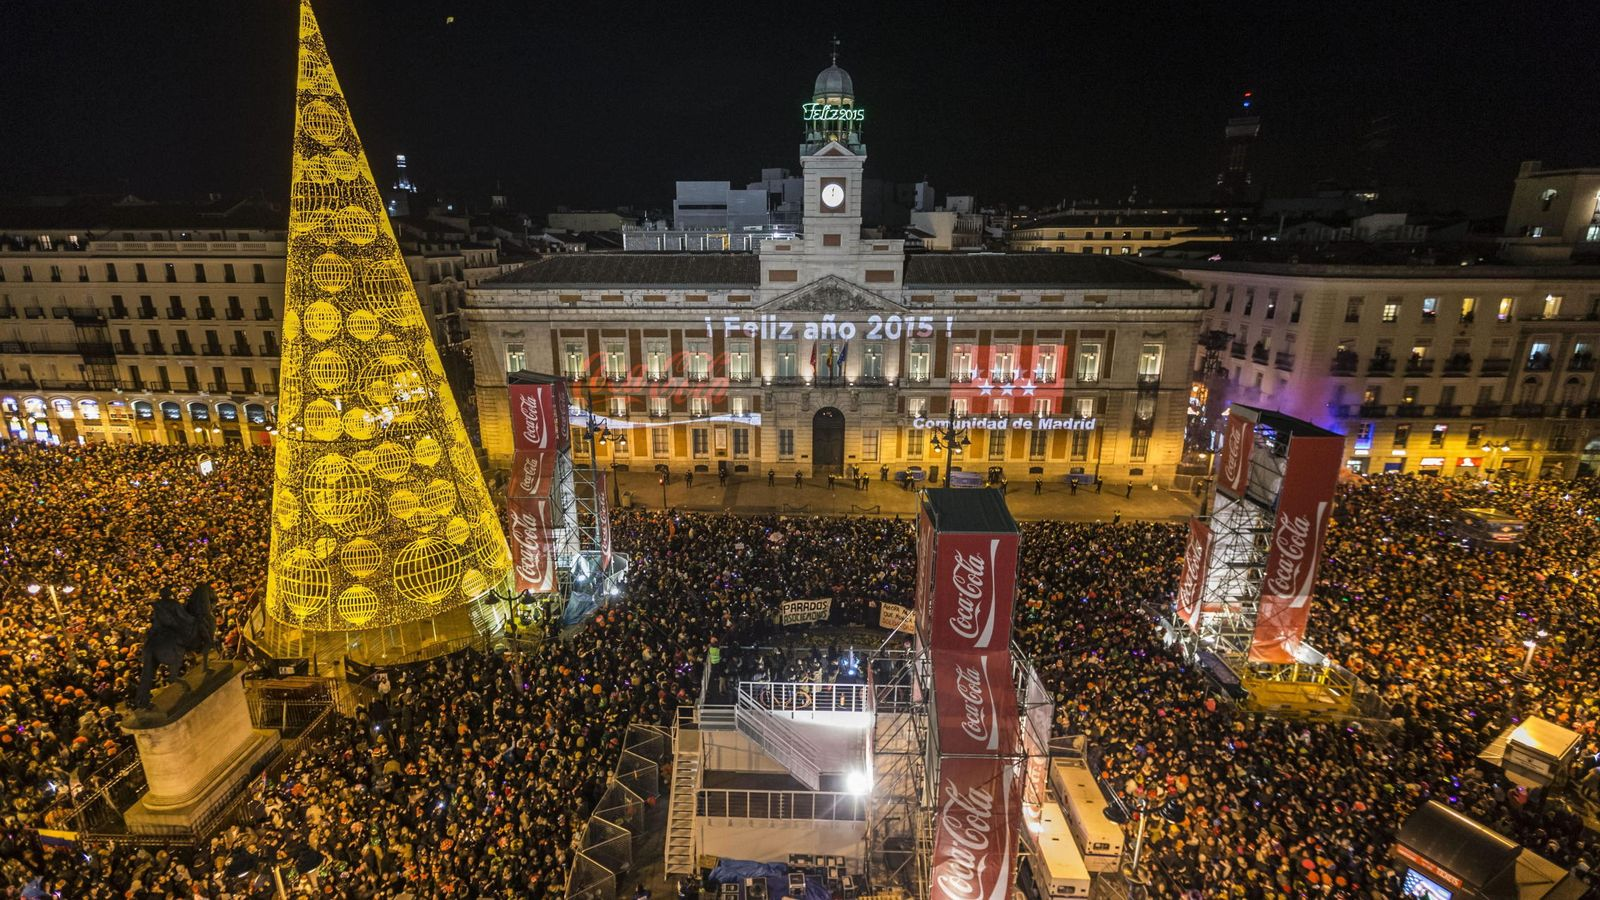 el ayuntamiento de madrid pretende racionalizar la entrada